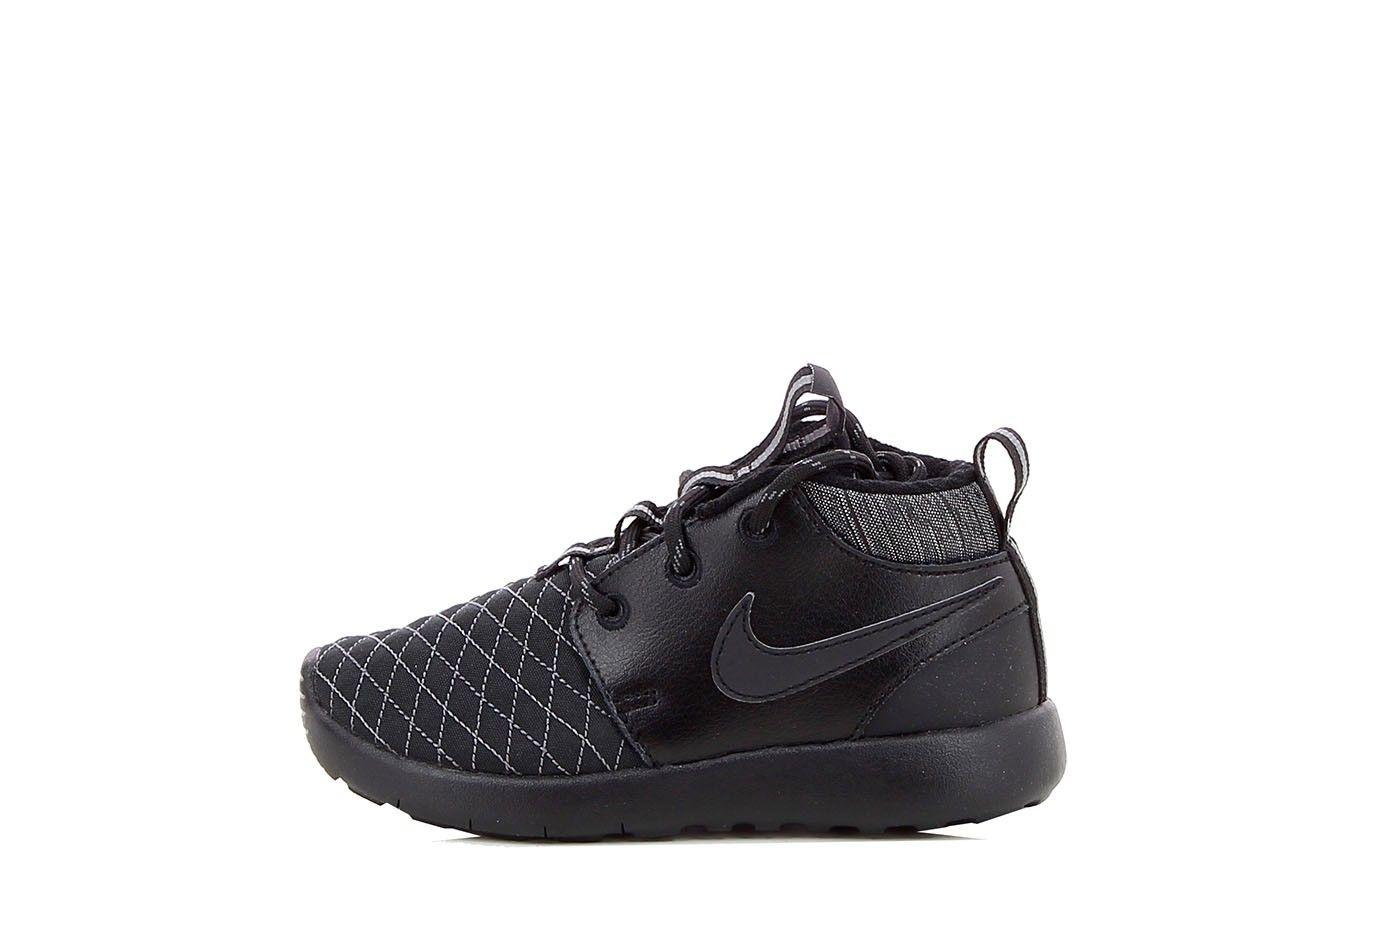 8f9453498a639 Basket Nike Roshe One Winter Bébé (TD) - 807573-002 - Pegashoes